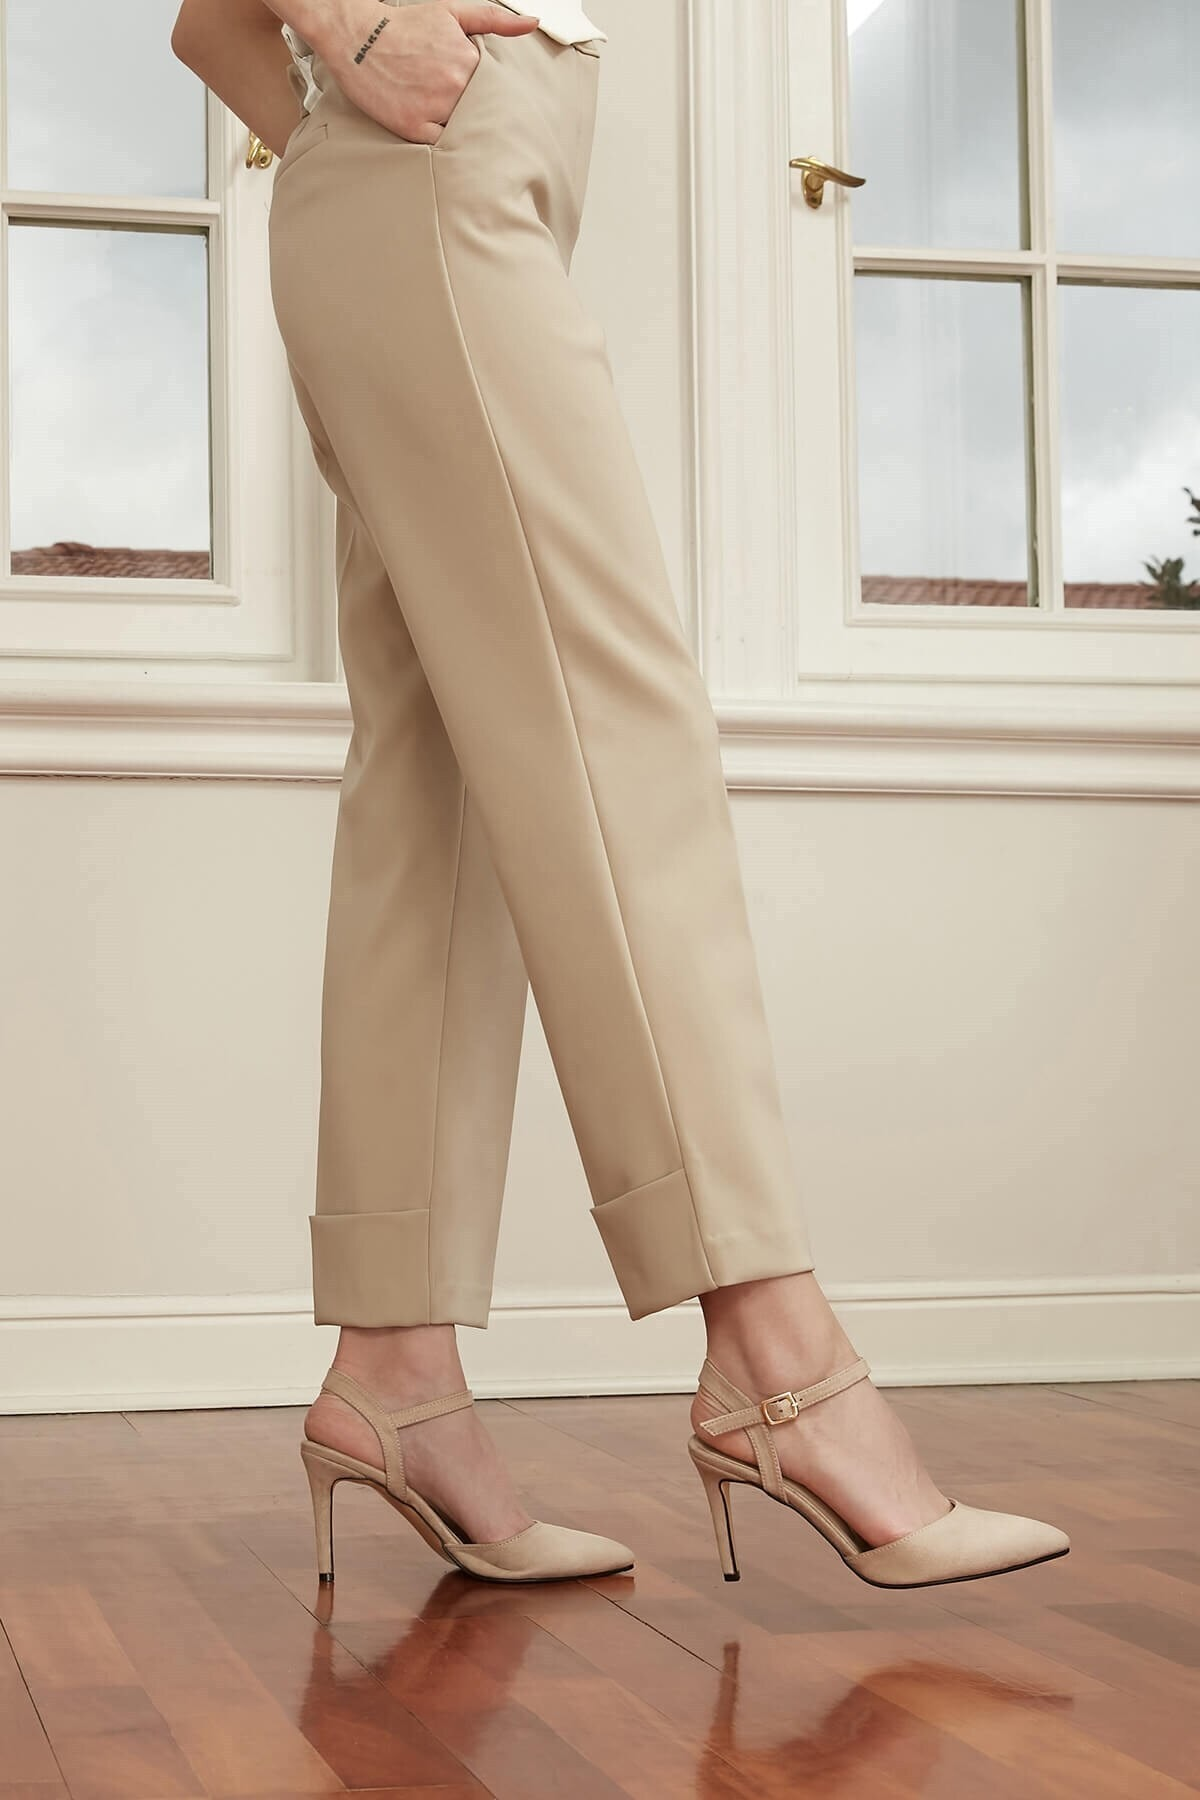 Mio Gusto Lucia Bej Bilek Bantlı Topuklu Ayakkabı 1